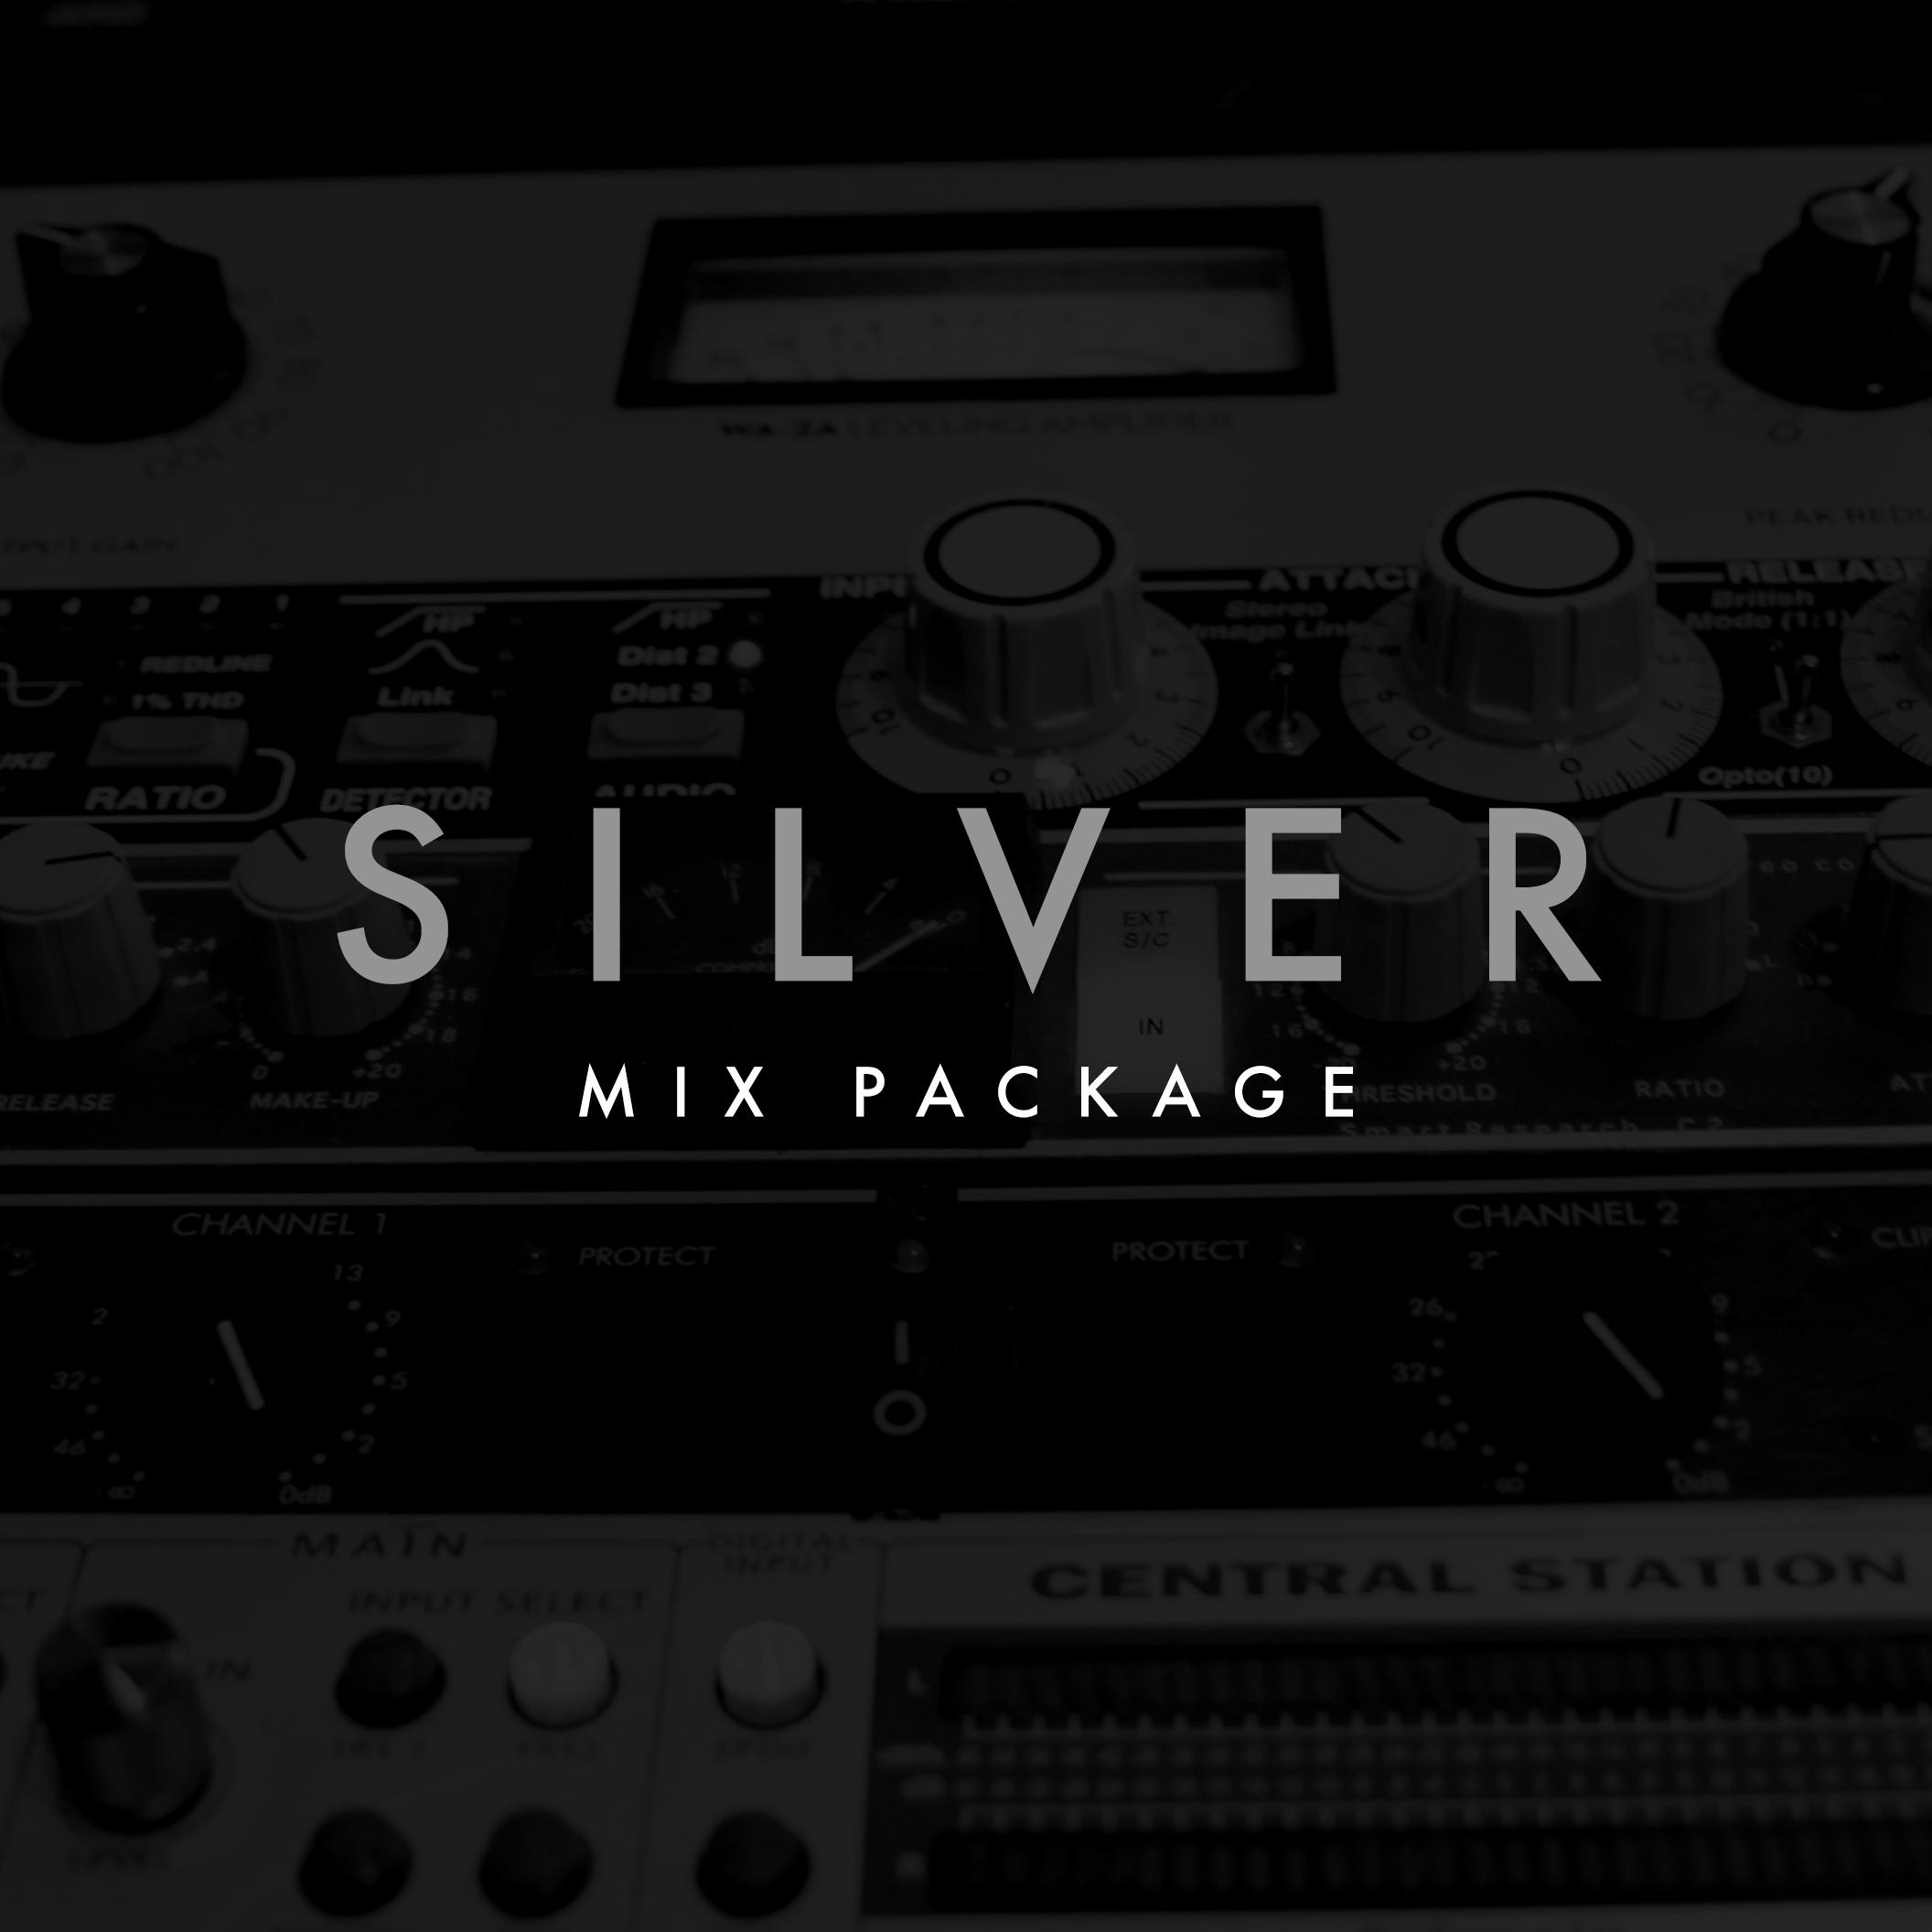 silvermix.jpg